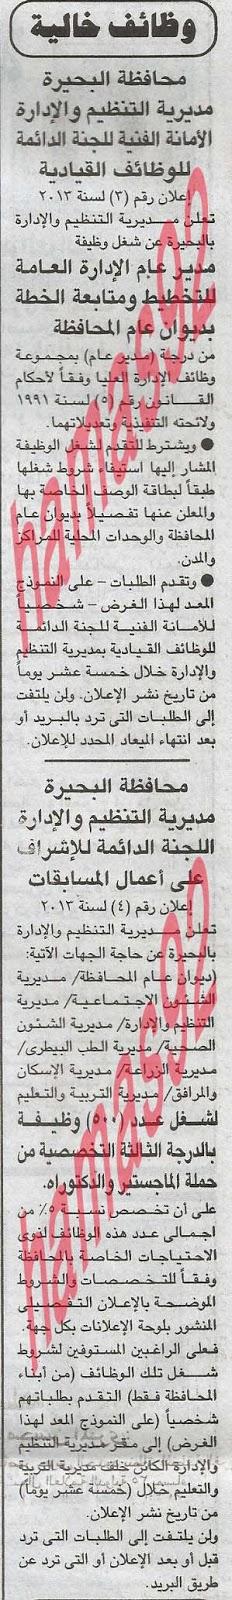 اعلانات الوظائف فى جريدة الجمهورية الصادرة يوم الخميس 25-4-2013